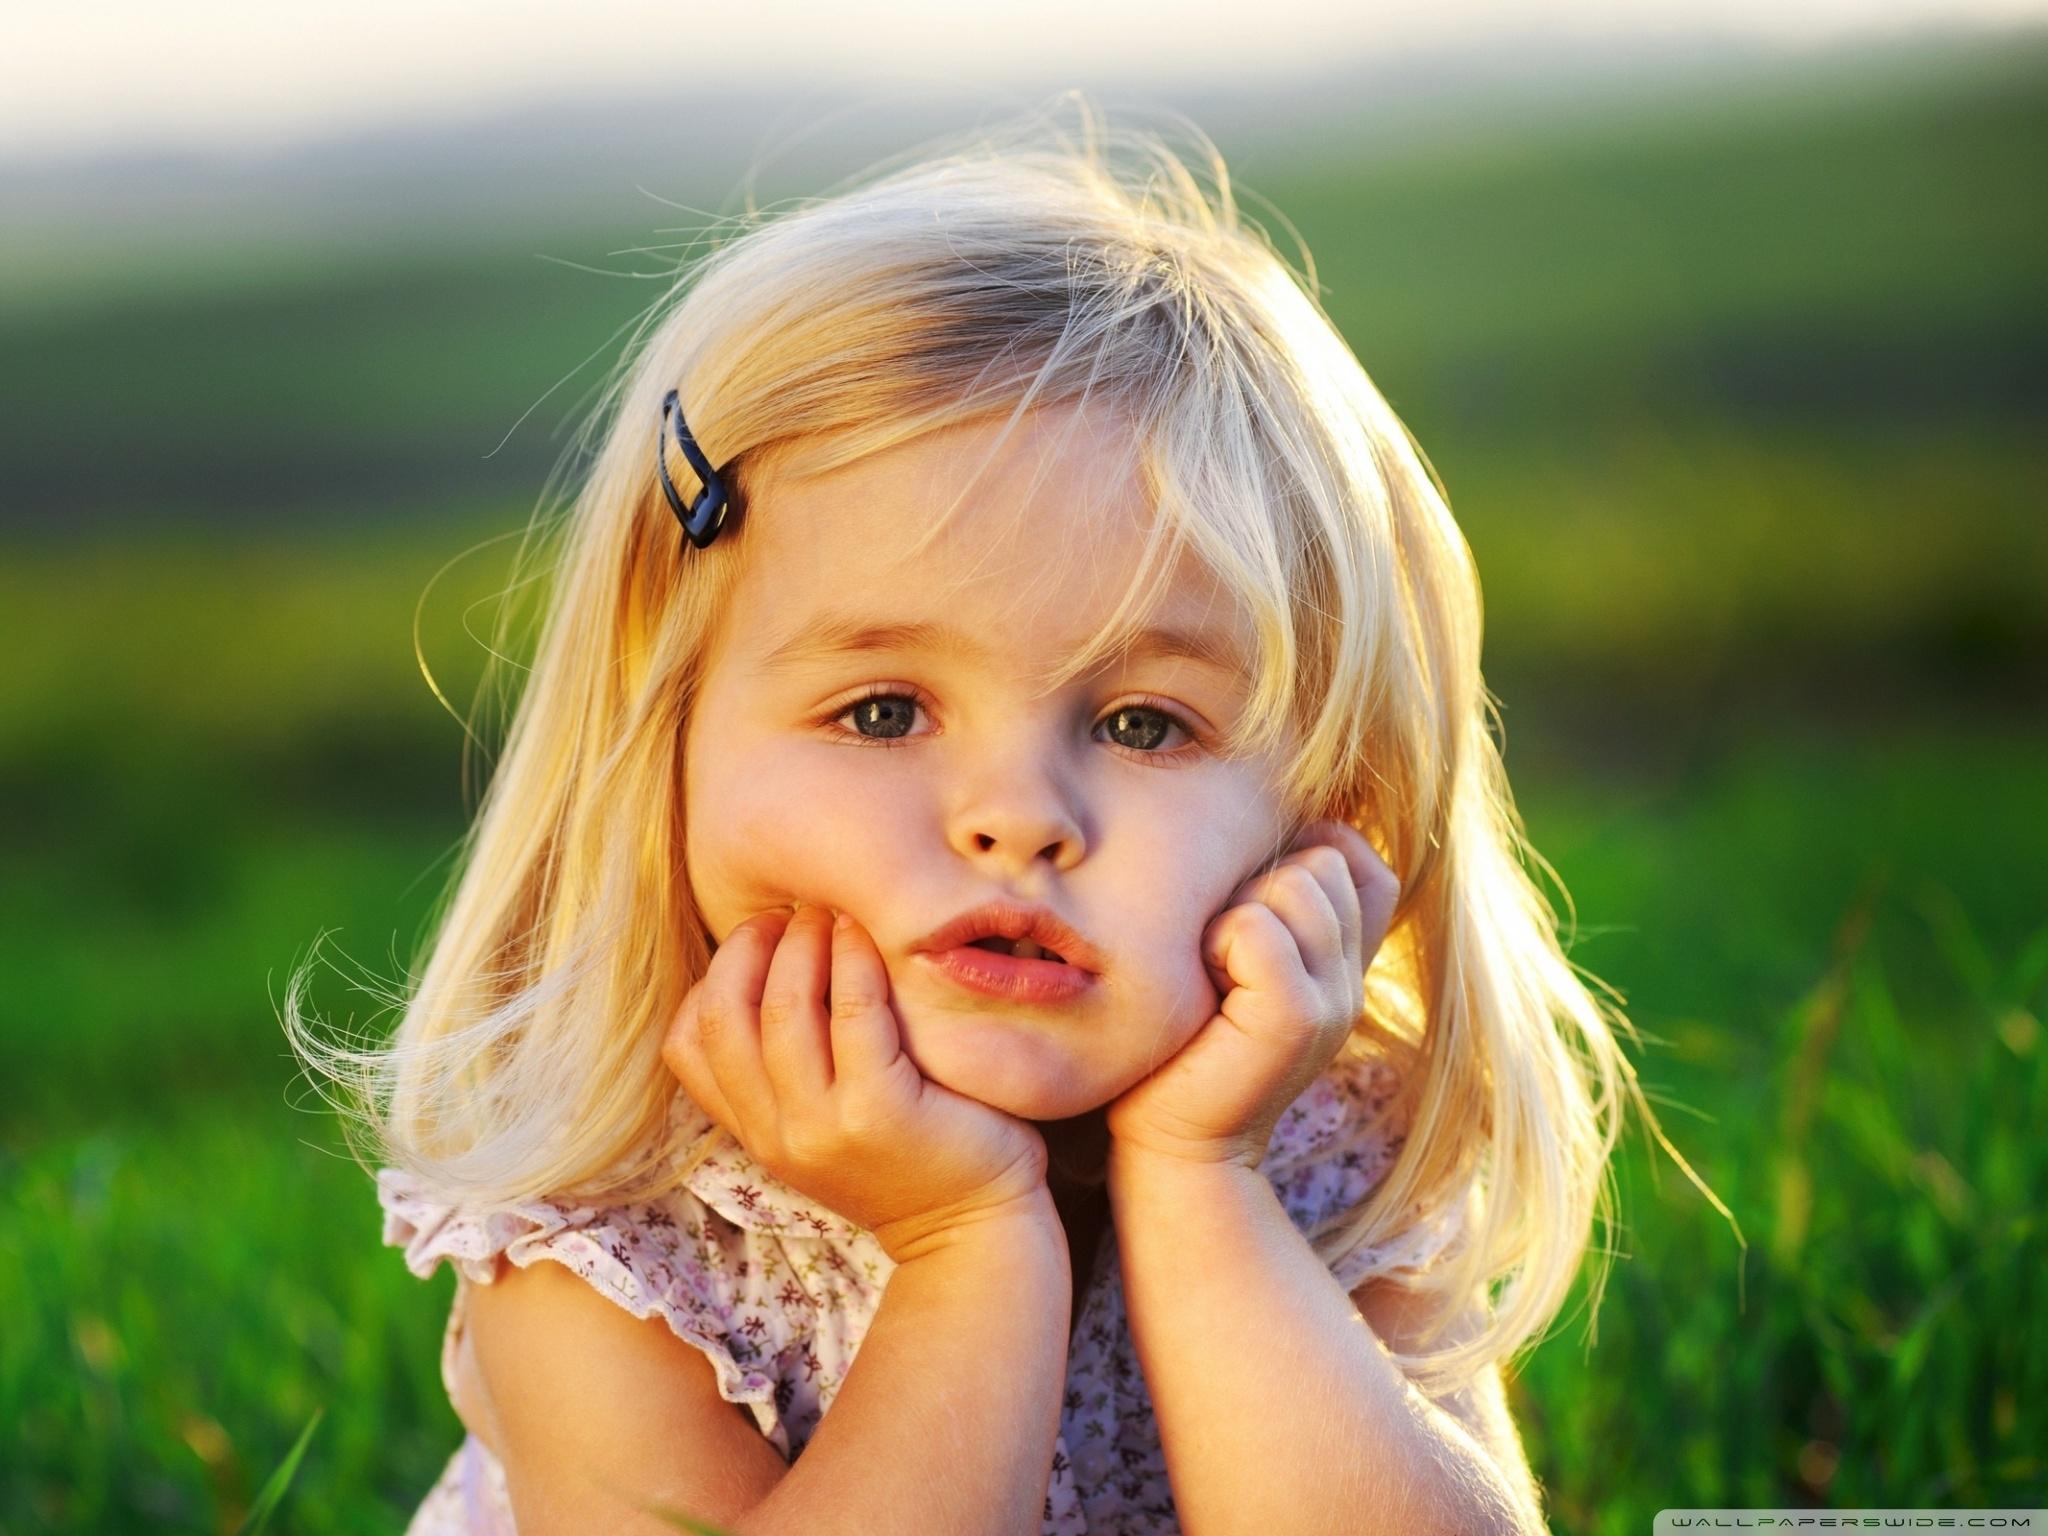 Cute Baby Girl HD desktop    High Definition   Fullscreen HD Wallpaper